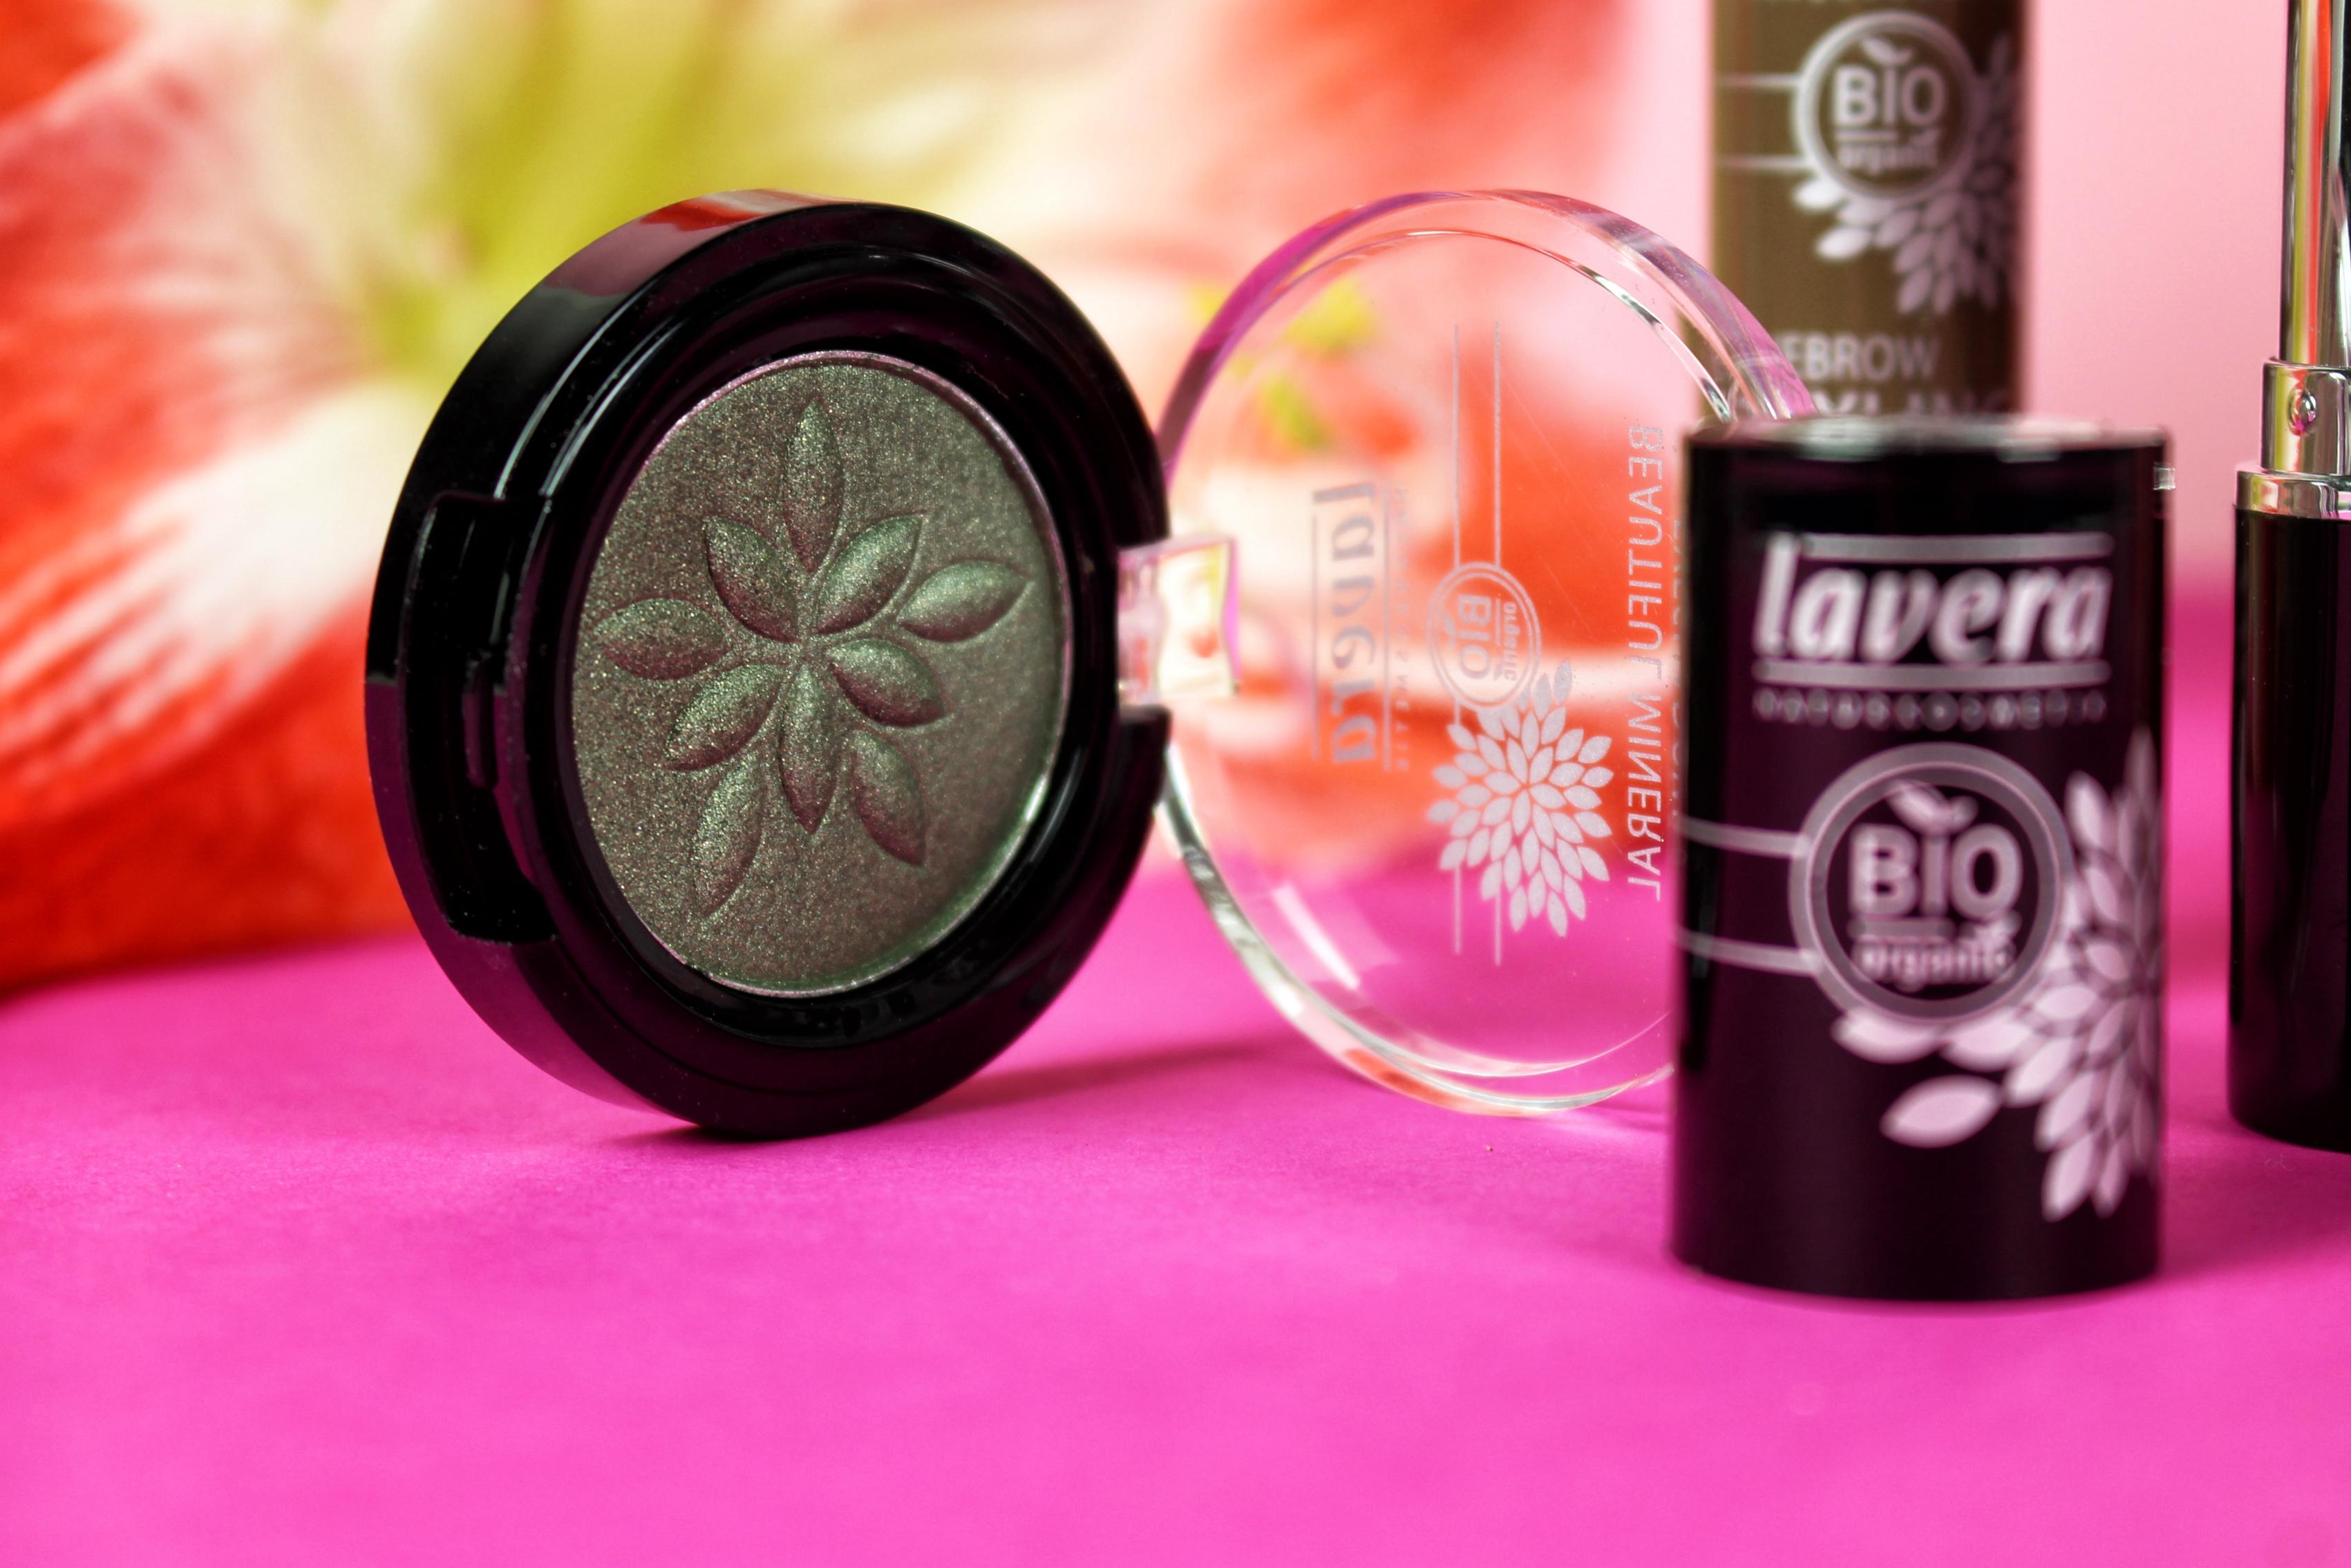 lavera-eyeshadow-green-gemstone